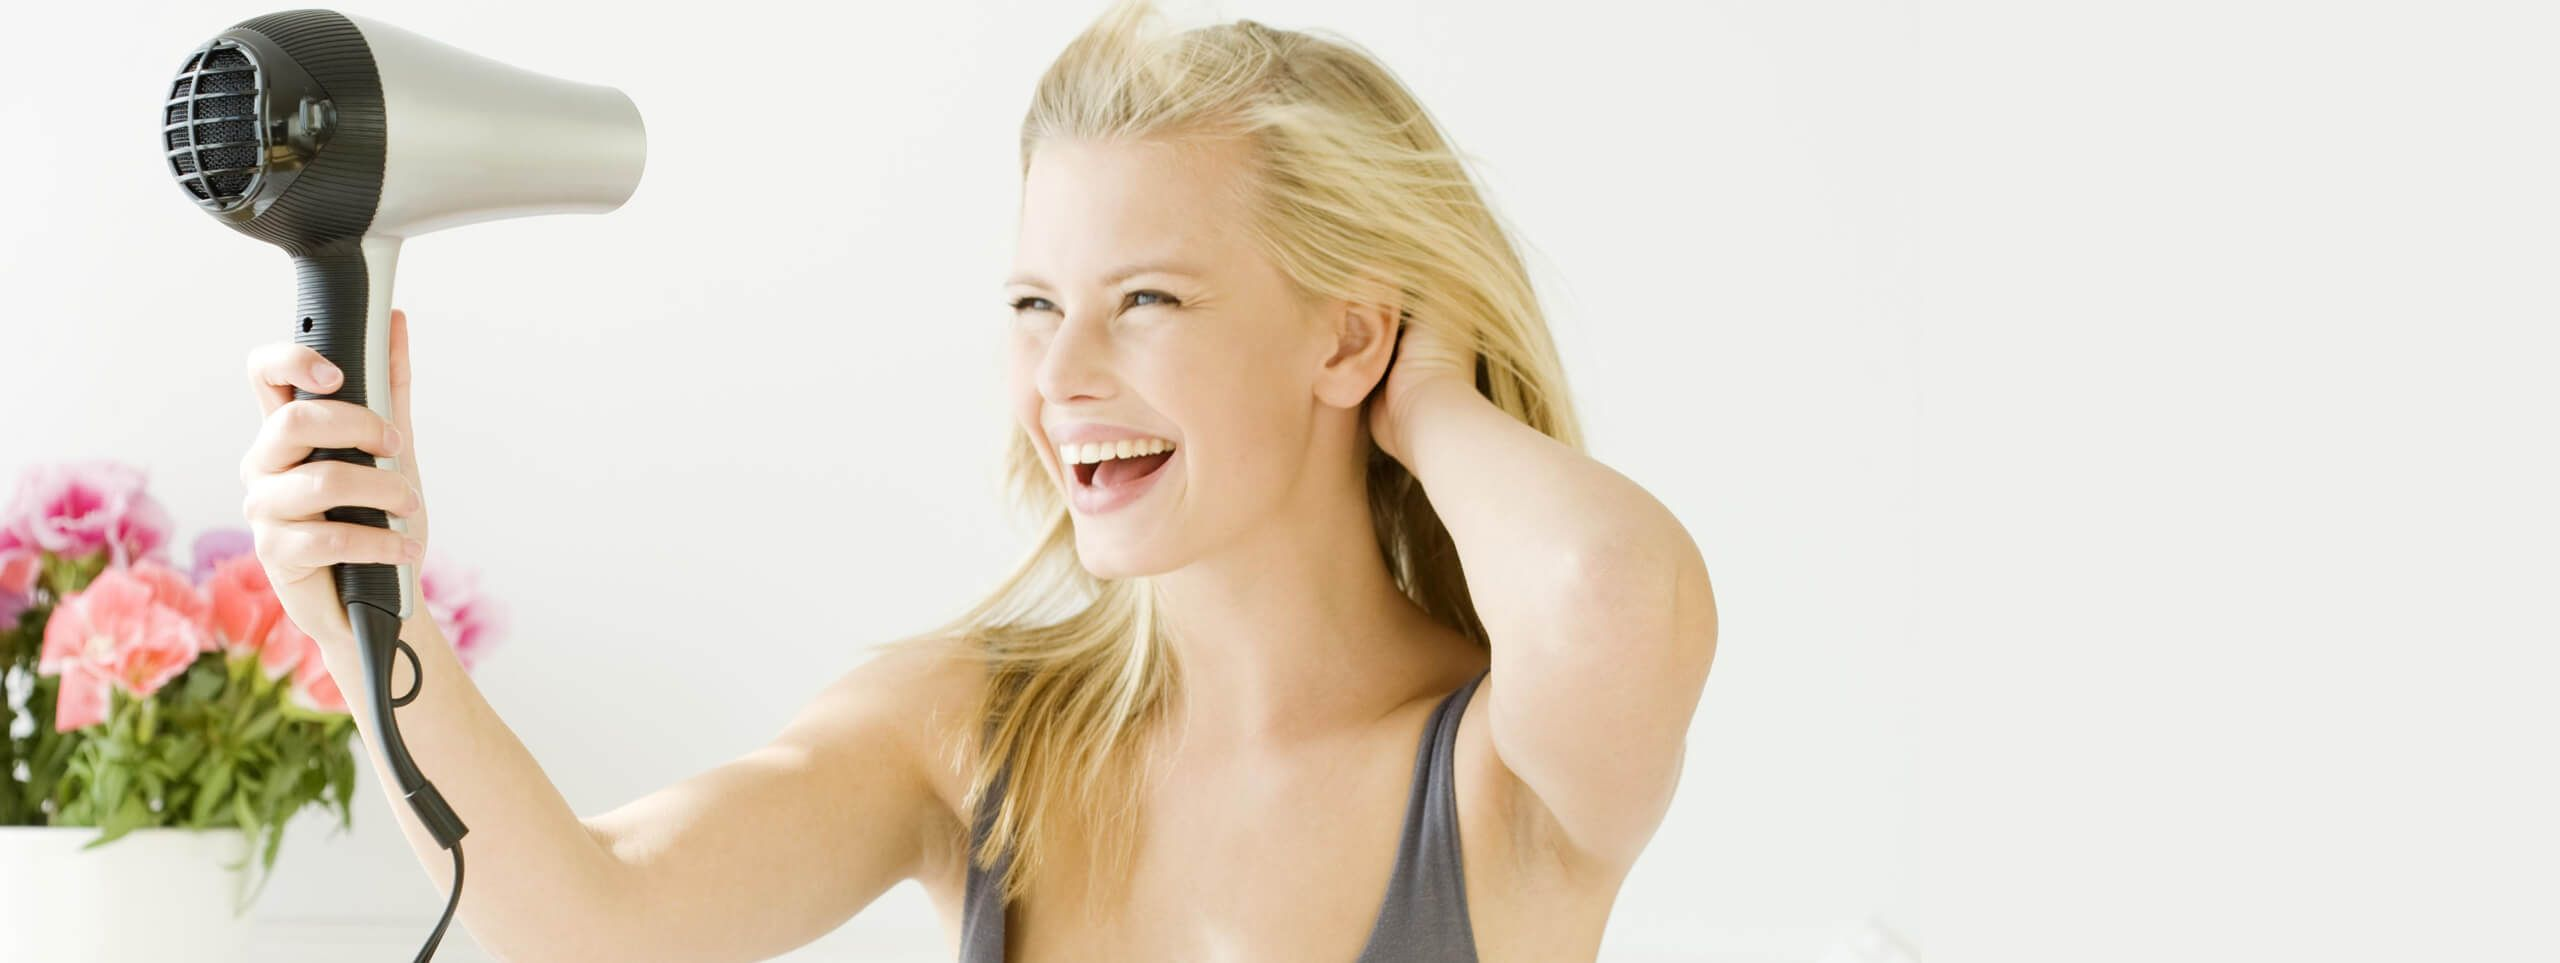 Kobieta susząca blond włosy suszarką